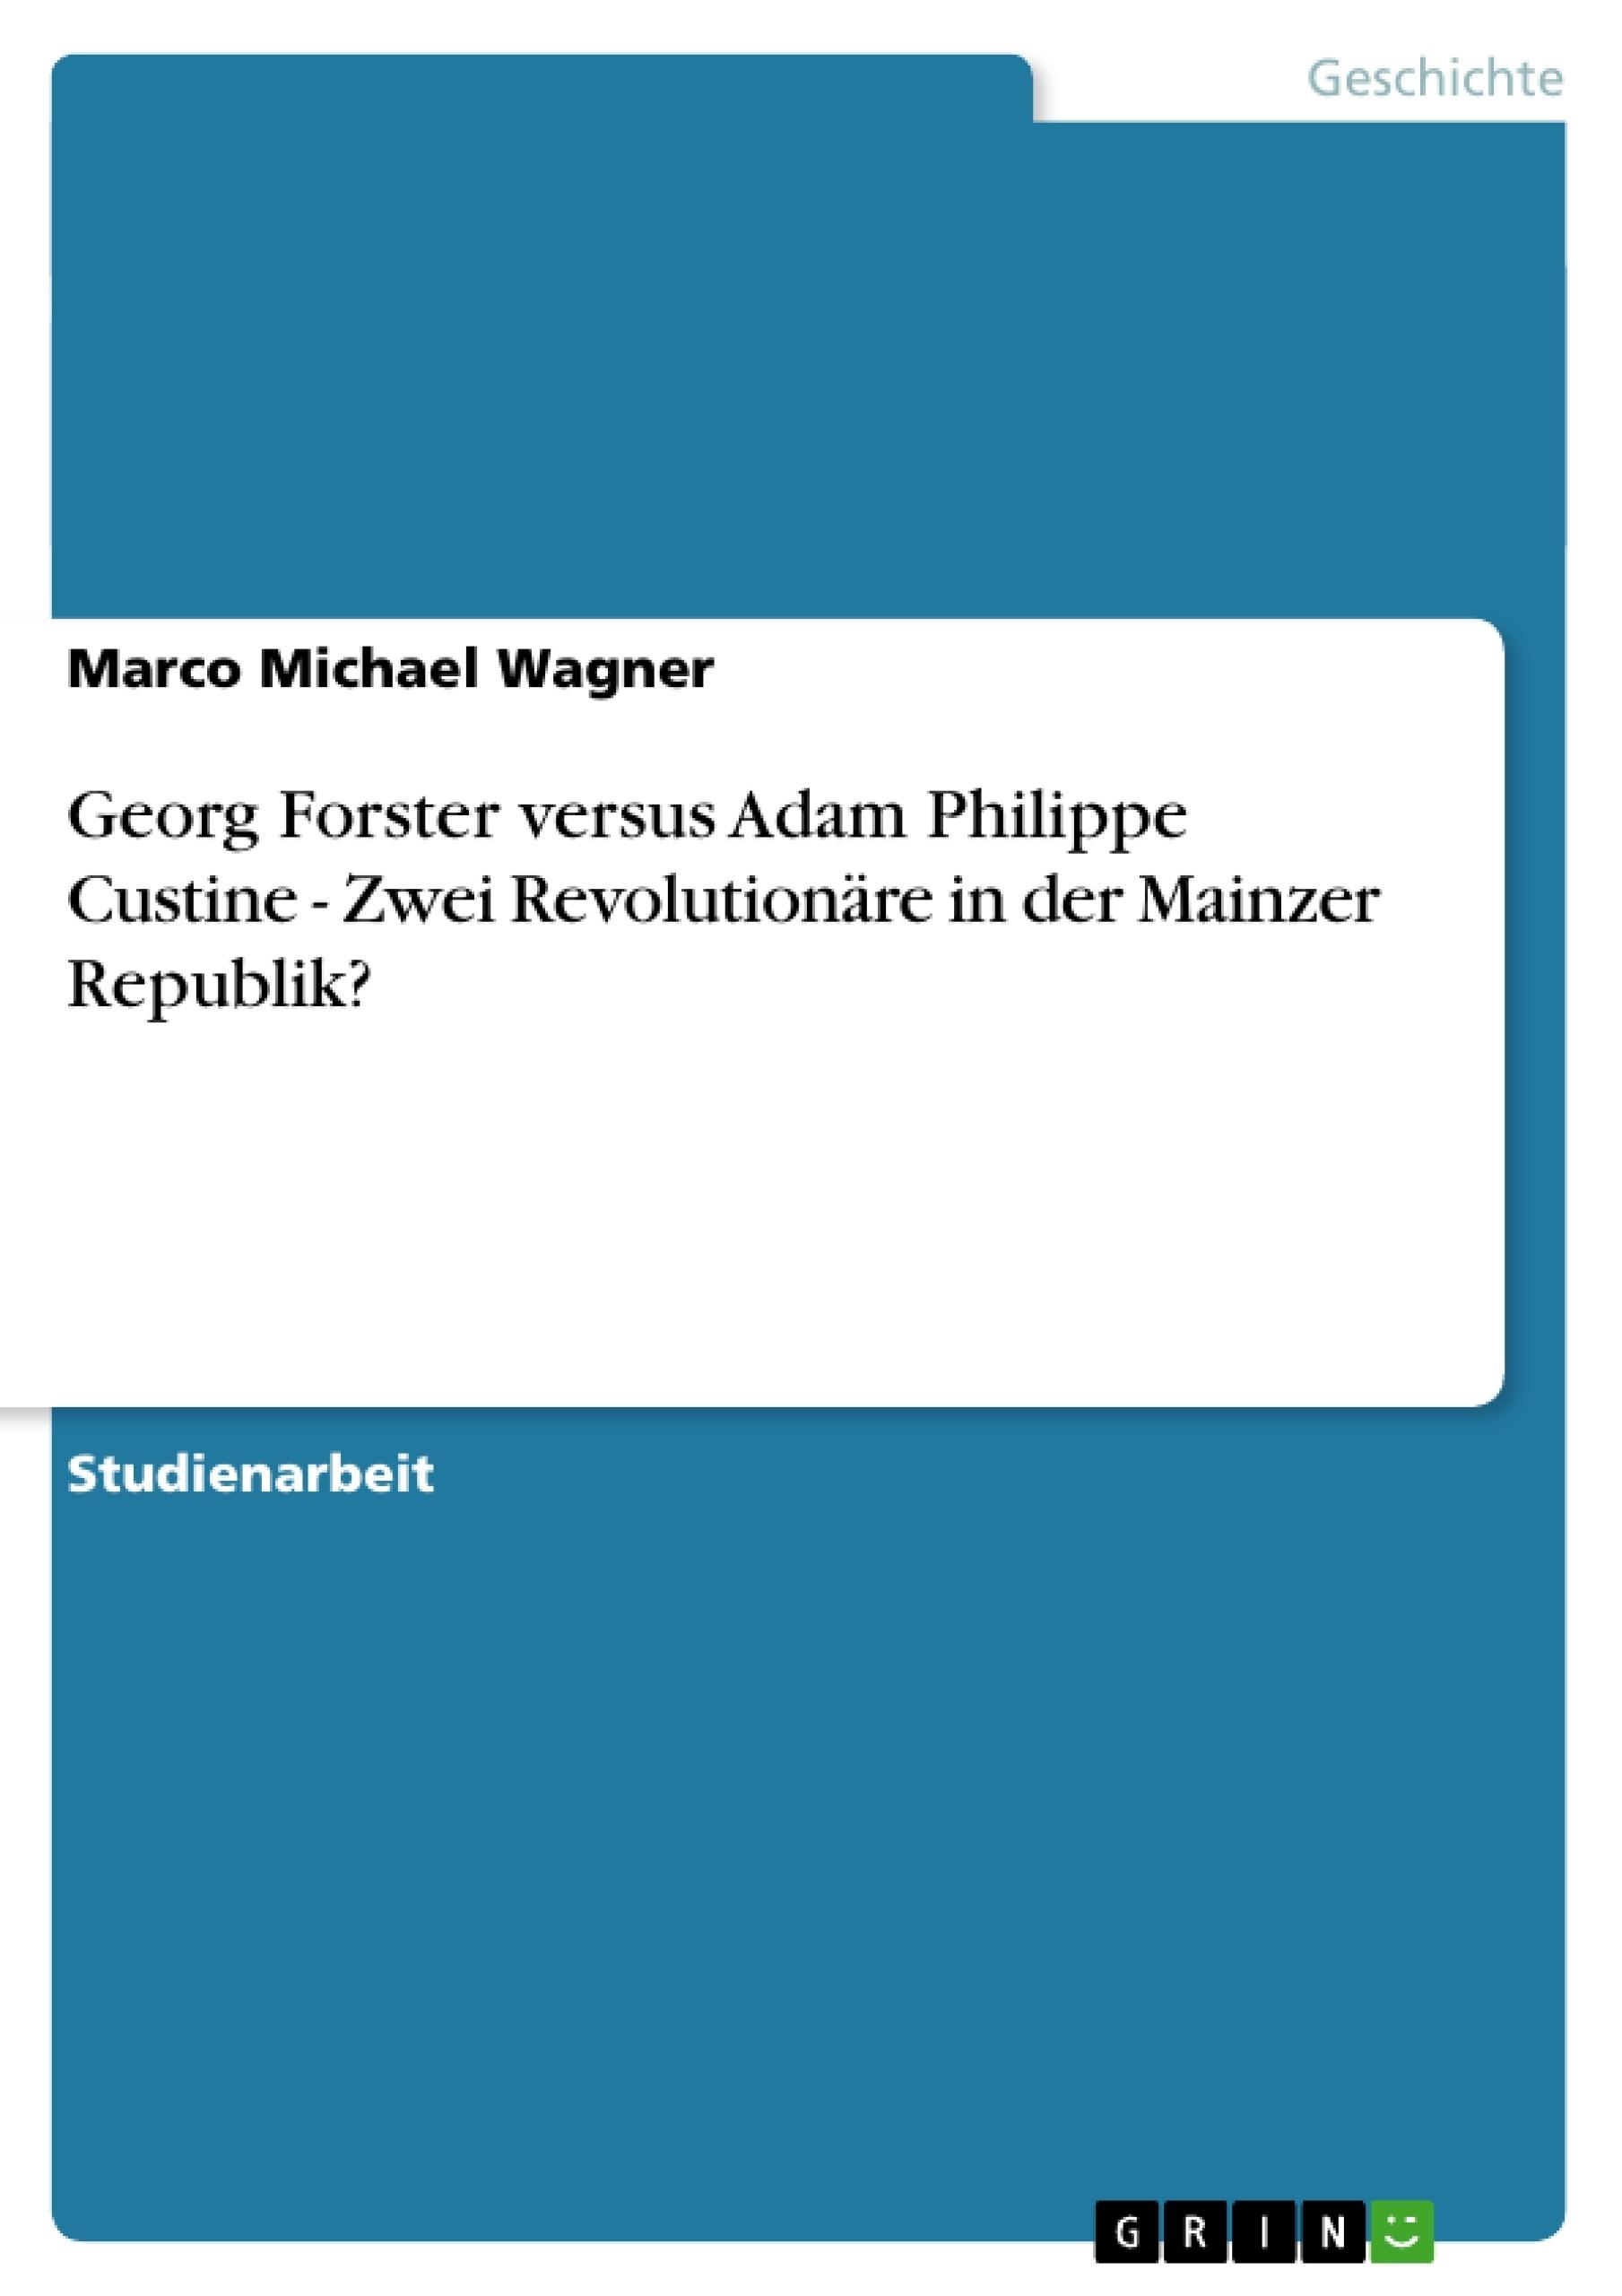 Titel: Georg Forster versus Adam Philippe Custine  -  Zwei Revolutionäre in der Mainzer Republik?